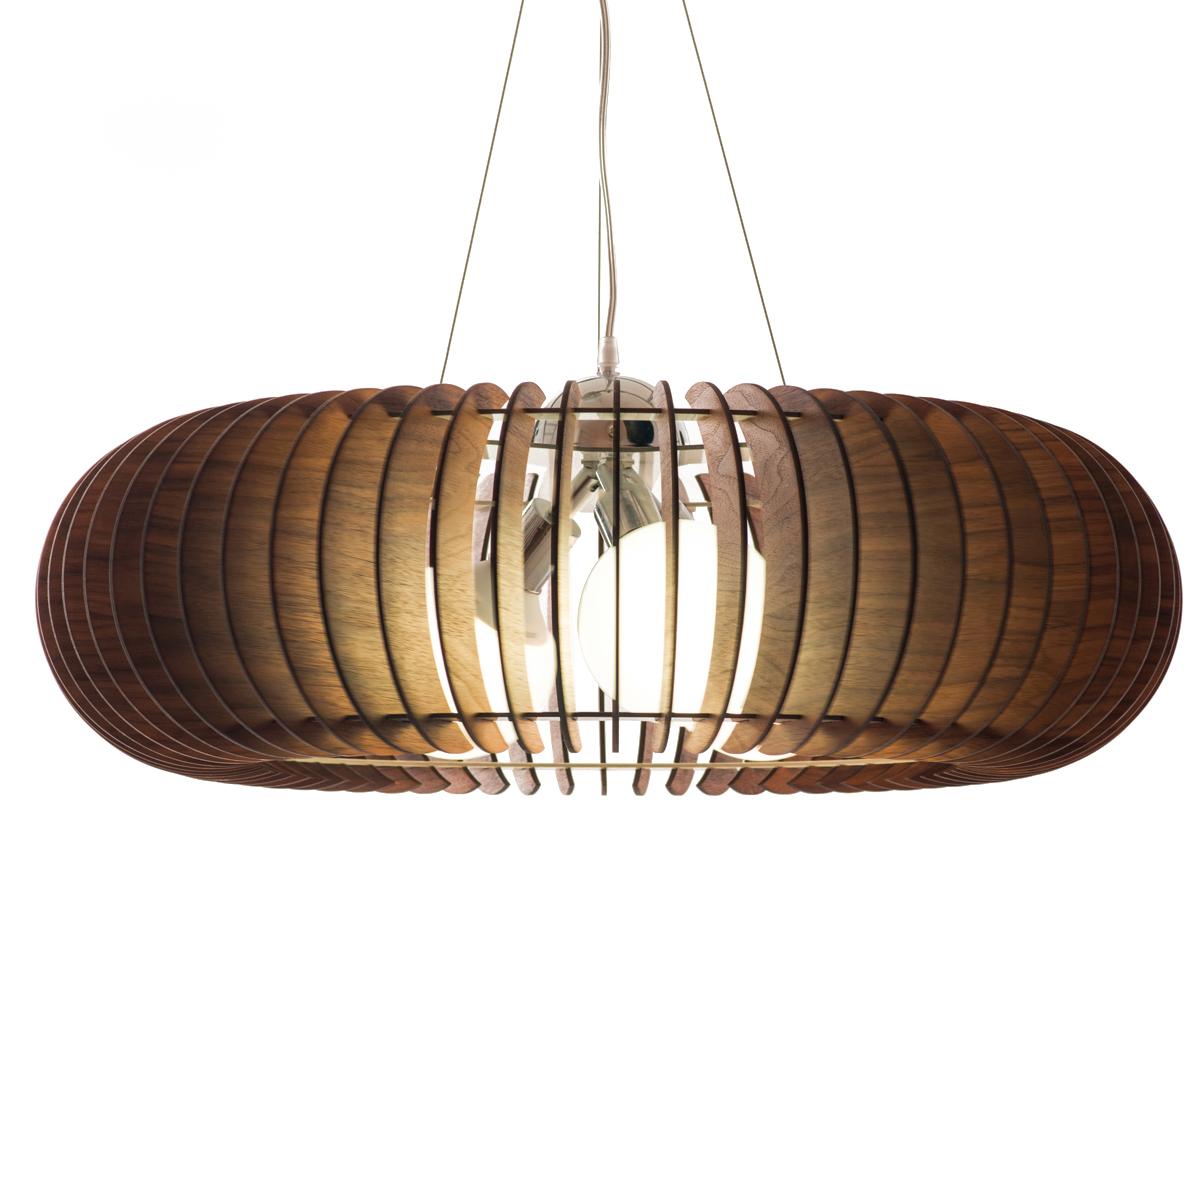 Люстра СпутникПодвесные светильники<br>Элегантная открытая форма люстры позволяет монтировать ее в разных помещениях как по стилю, так и по площади. Использование деревянных ламелей в сочетании с хромированной фурнитурой предают светильнику орбитальную невесомость.&amp;amp;nbsp;&amp;lt;div&amp;gt;&amp;lt;br&amp;gt;&amp;lt;/div&amp;gt;&amp;lt;div&amp;gt;&amp;lt;div&amp;gt;Тип цоколя: E27&amp;lt;/div&amp;gt;&amp;lt;div&amp;gt;Мощность: 60W&amp;lt;/div&amp;gt;&amp;lt;div&amp;gt;Кол-во ламп: 3 (нет в комплекте)&amp;lt;/div&amp;gt;&amp;lt;/div&amp;gt;<br><br>Material: Шпон<br>Height см: 22<br>Diameter см: 65